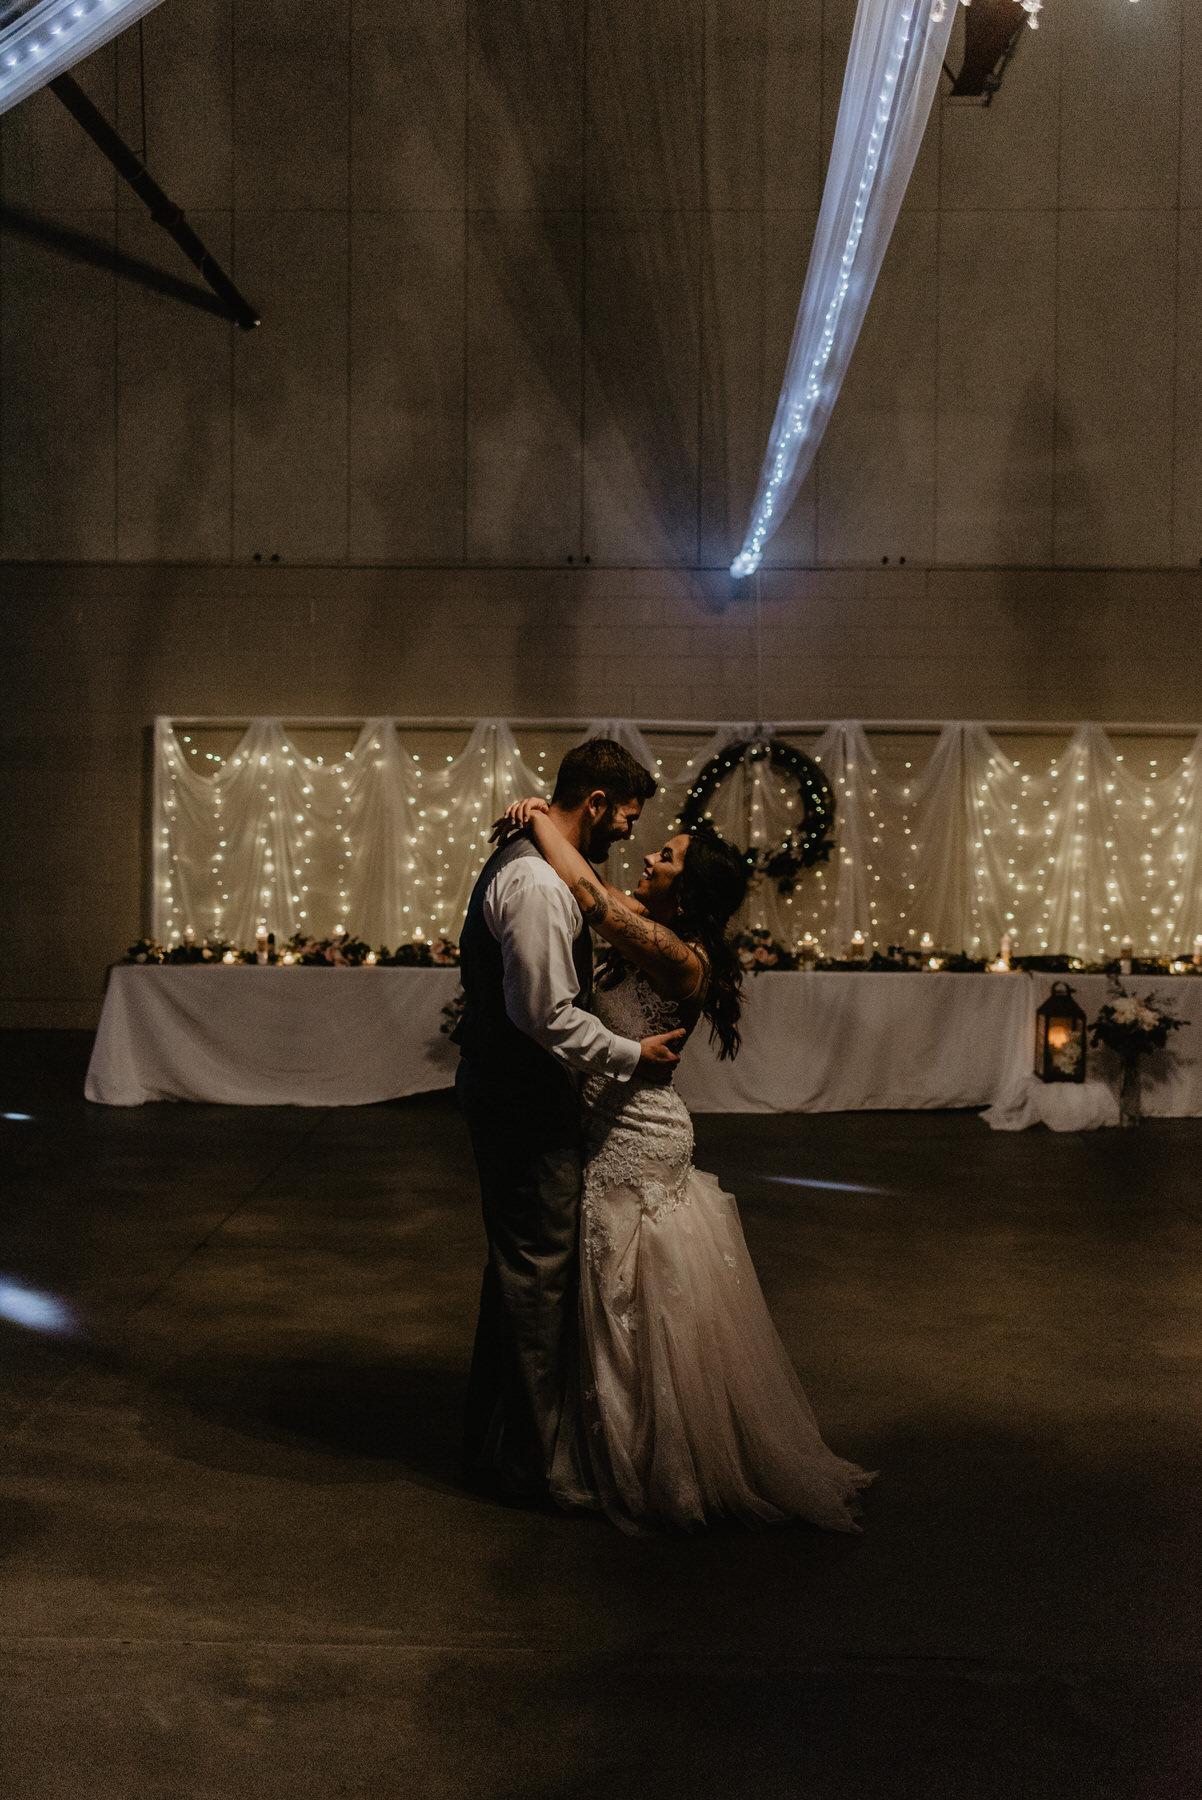 Kaylie-Sirek-Photography-Kearney-Nebraska-Wedding-109.jpg